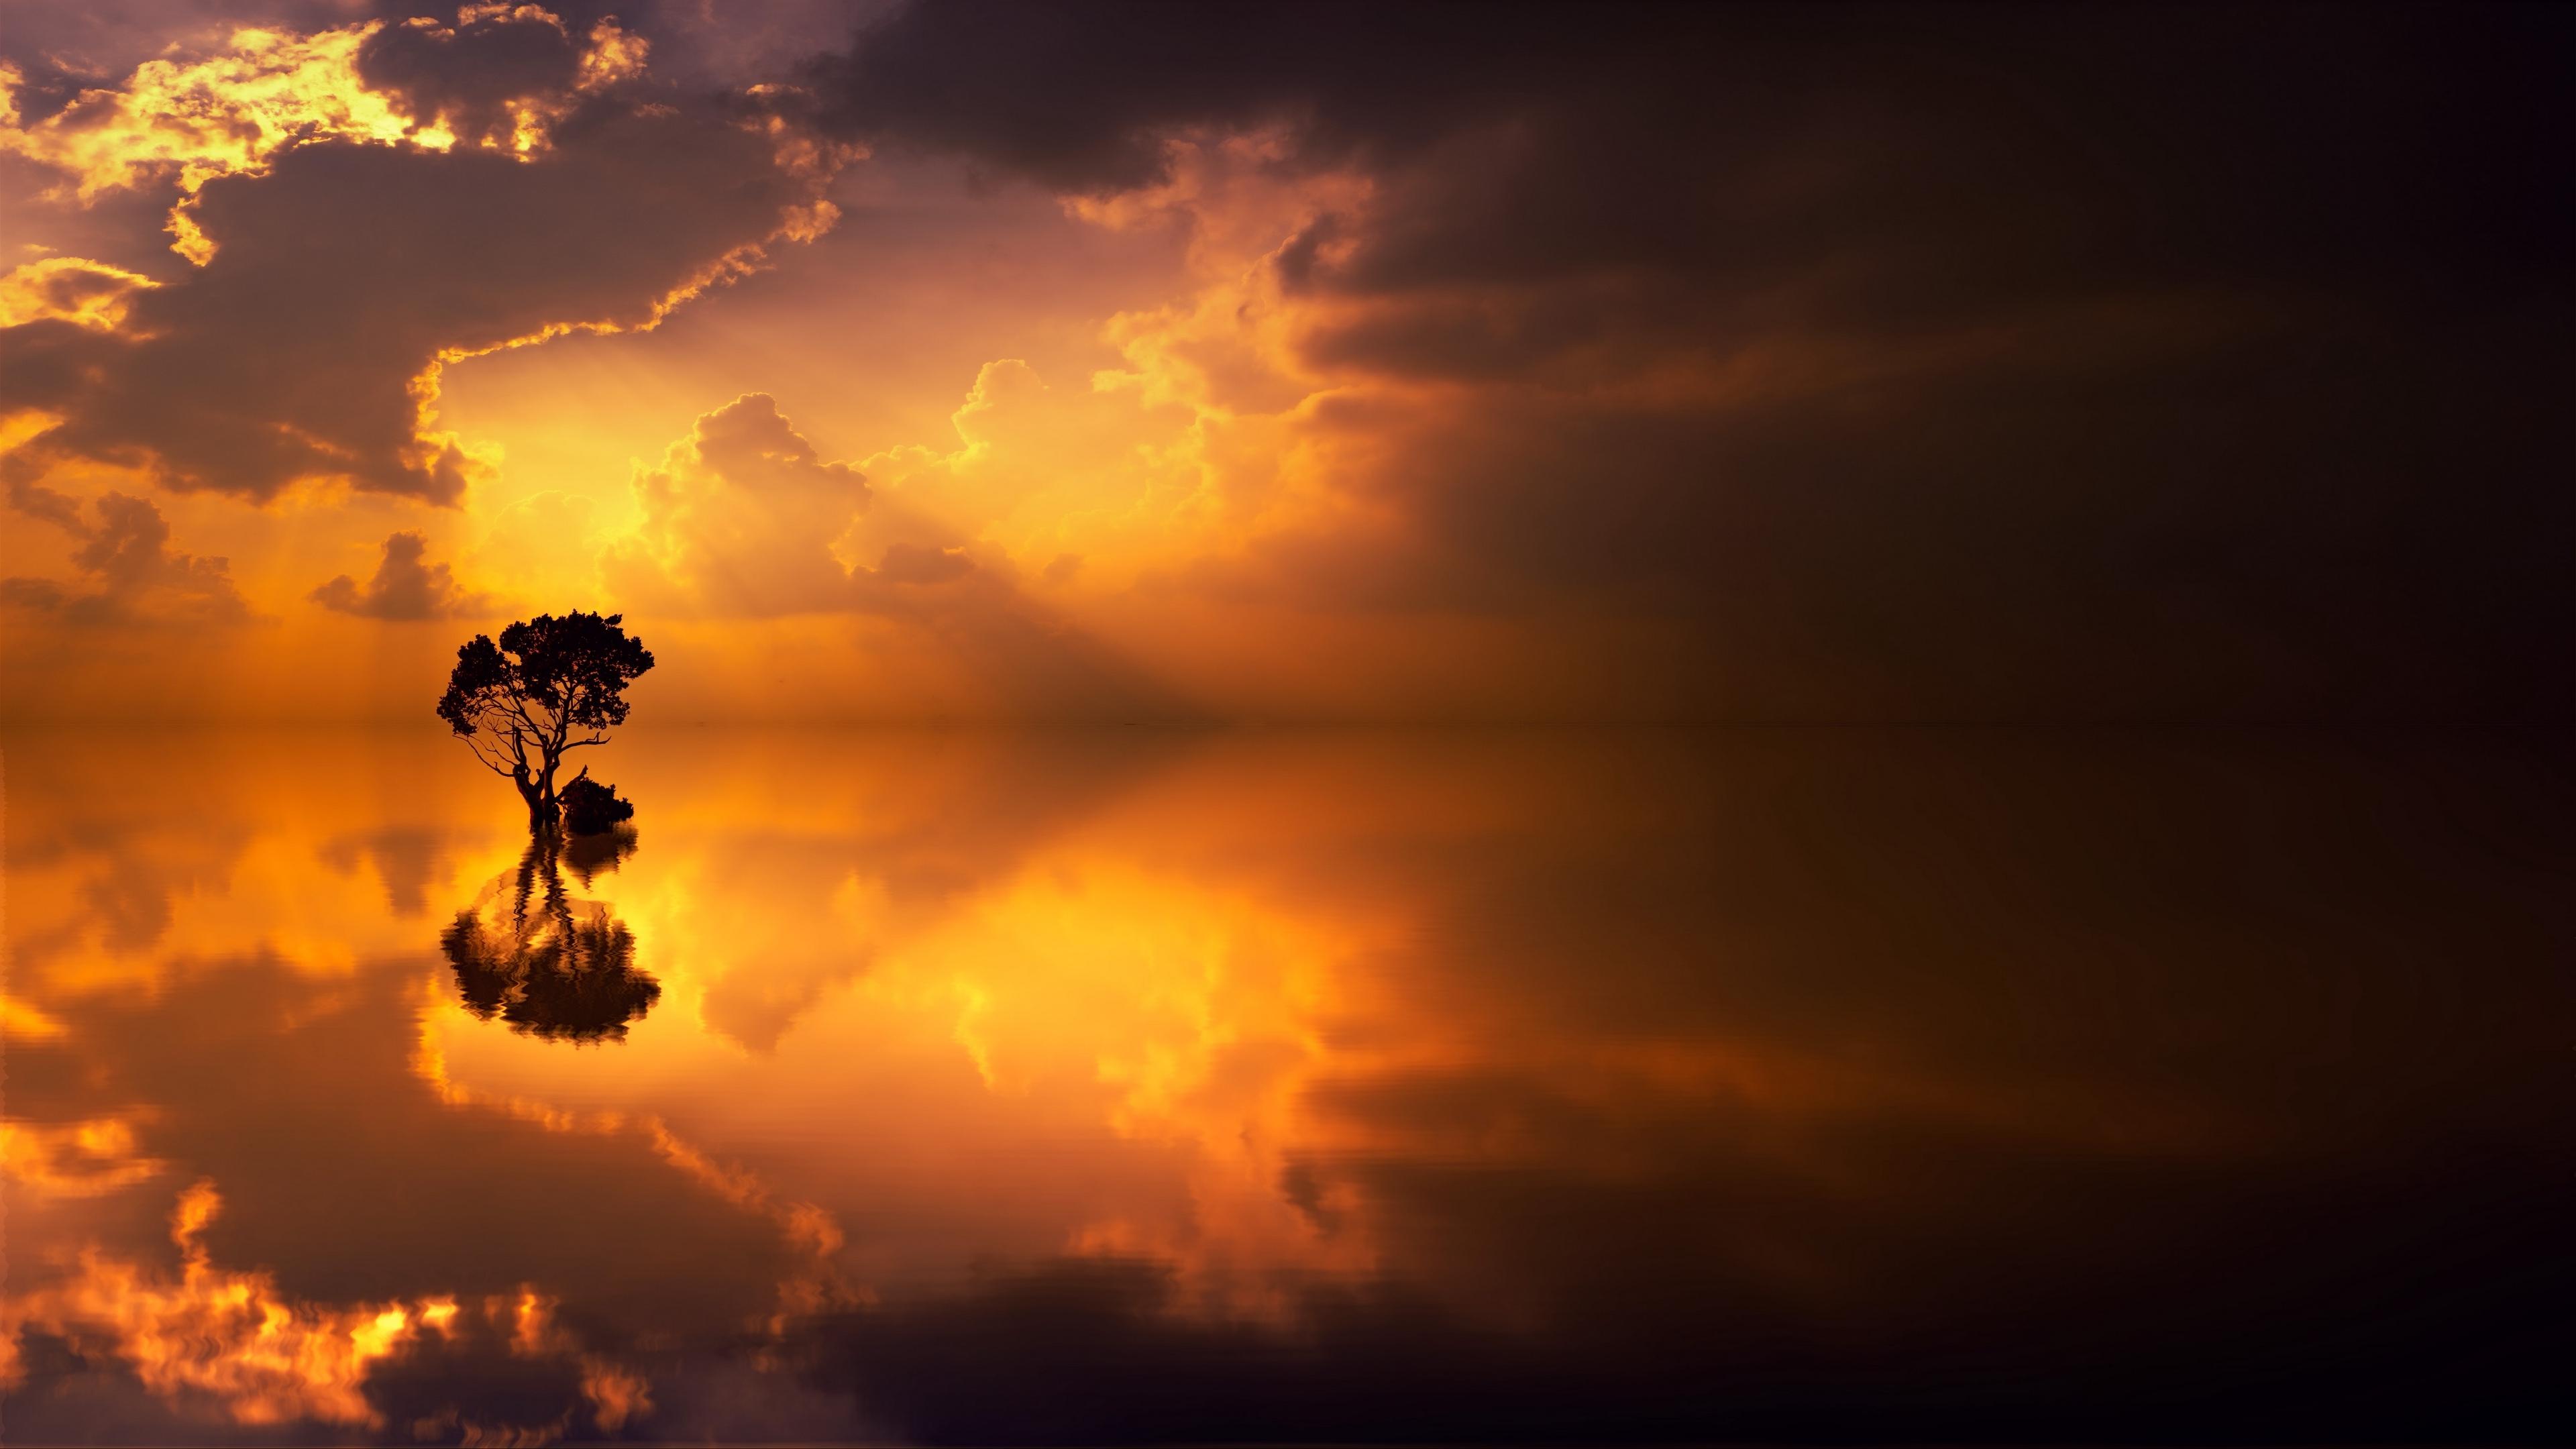 tree lonely reflection sea horizon 4k 1541117299 - tree, lonely, reflection, sea, horizon 4k - tree, reflection, Lonely